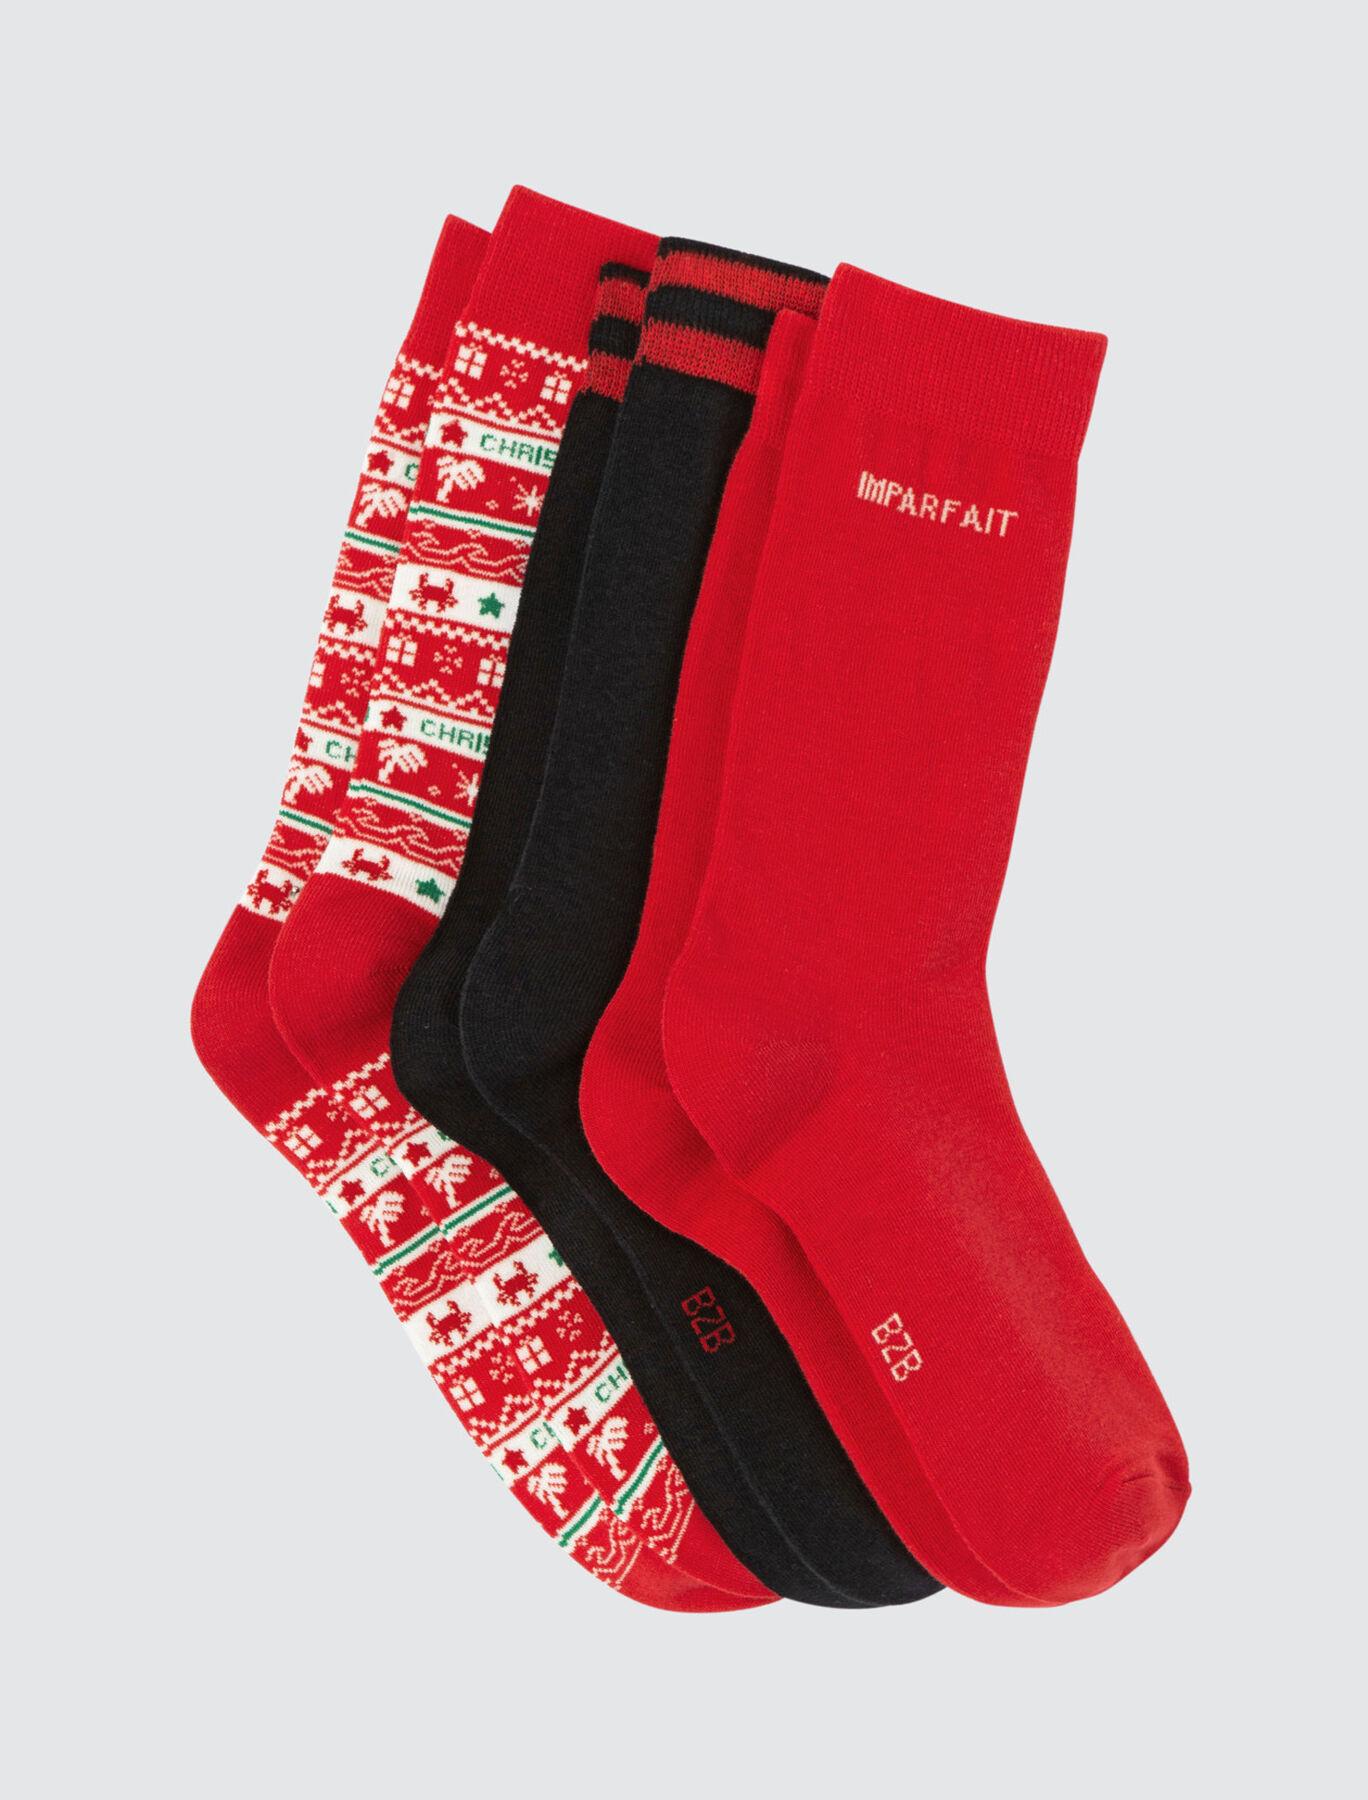 Chaussettes fantaisie Noël boite x3